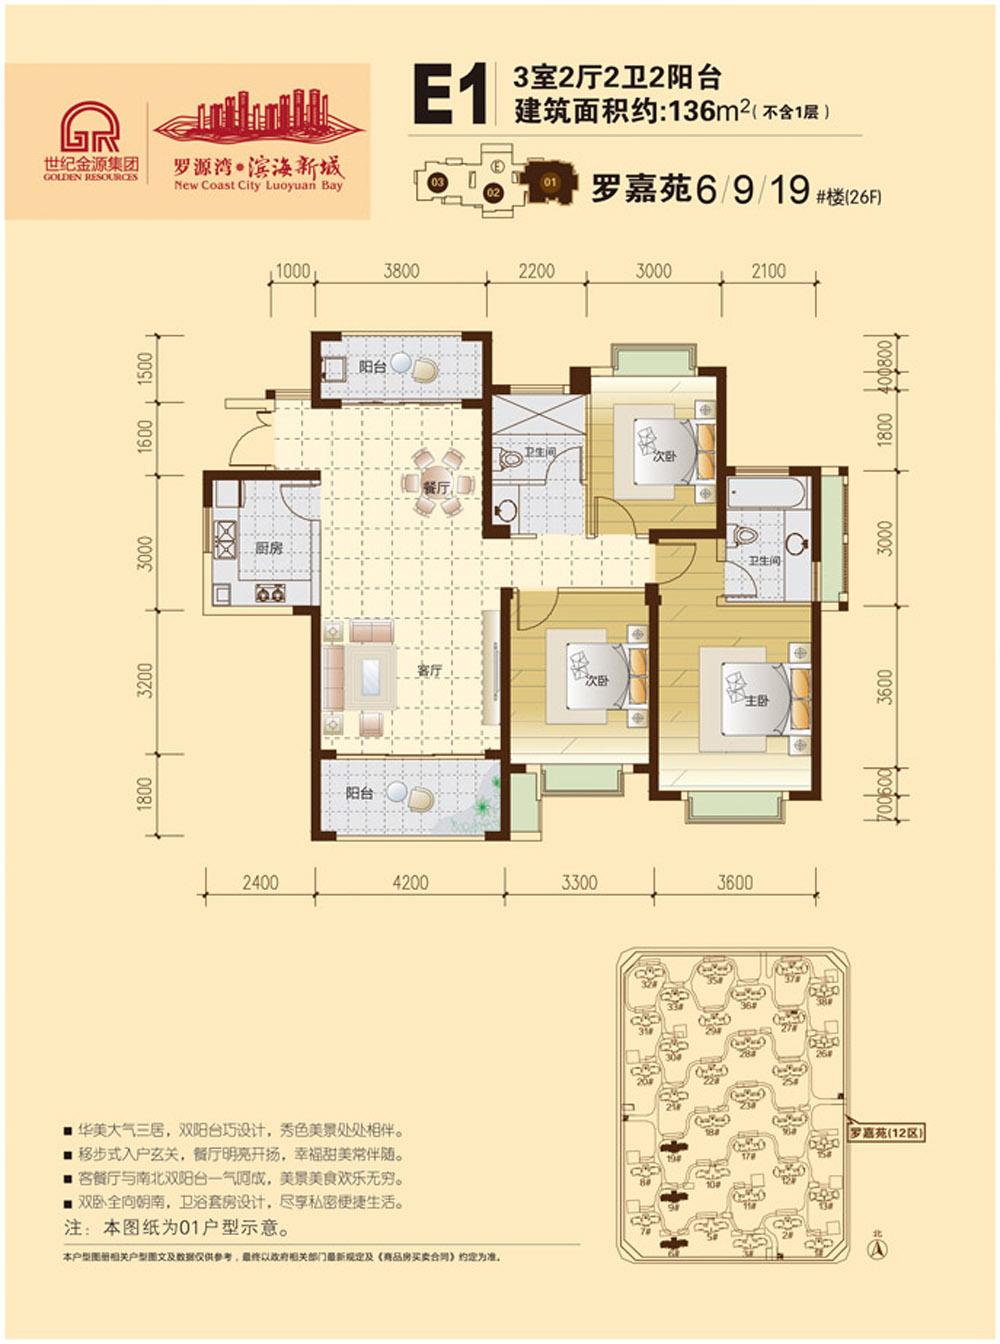 旗山领秀三居室88㎡_旗山领秀户型图-福州搜狐焦点网